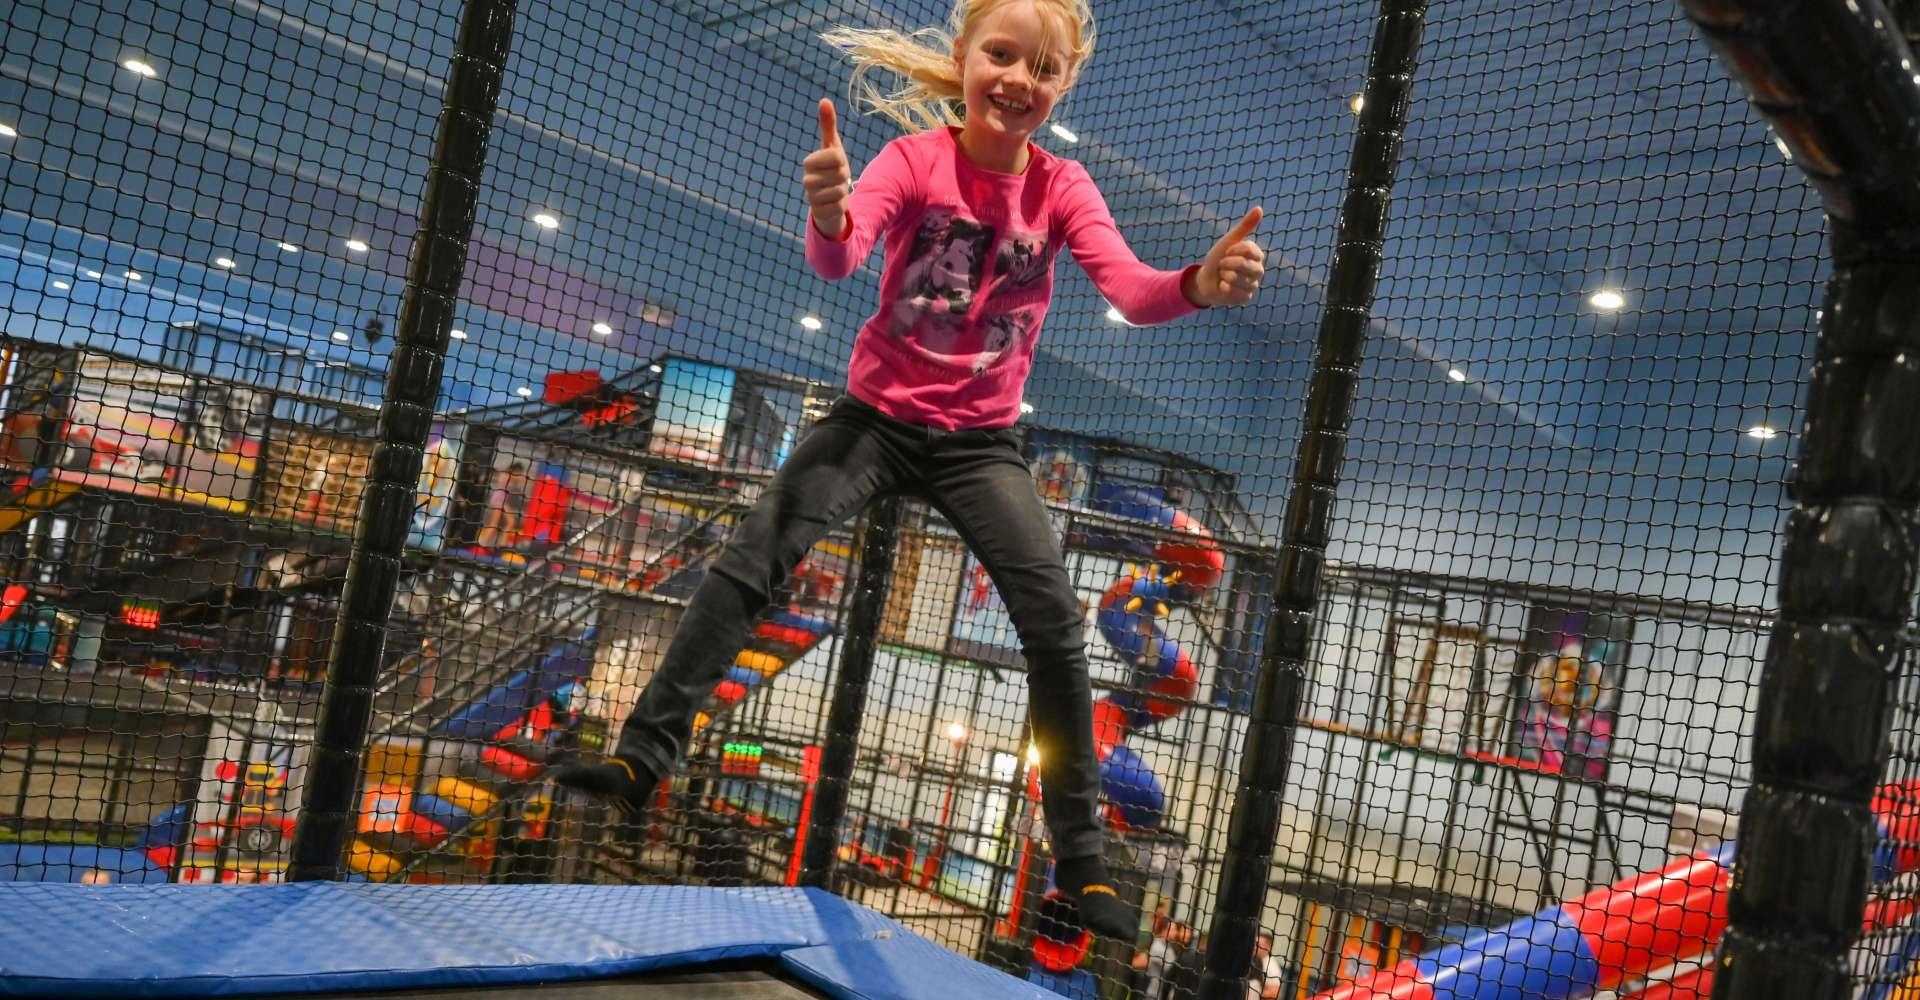 <p>Das macht Spaß, die Kids Area in der Playworld Spielberg.</p> Copyright: